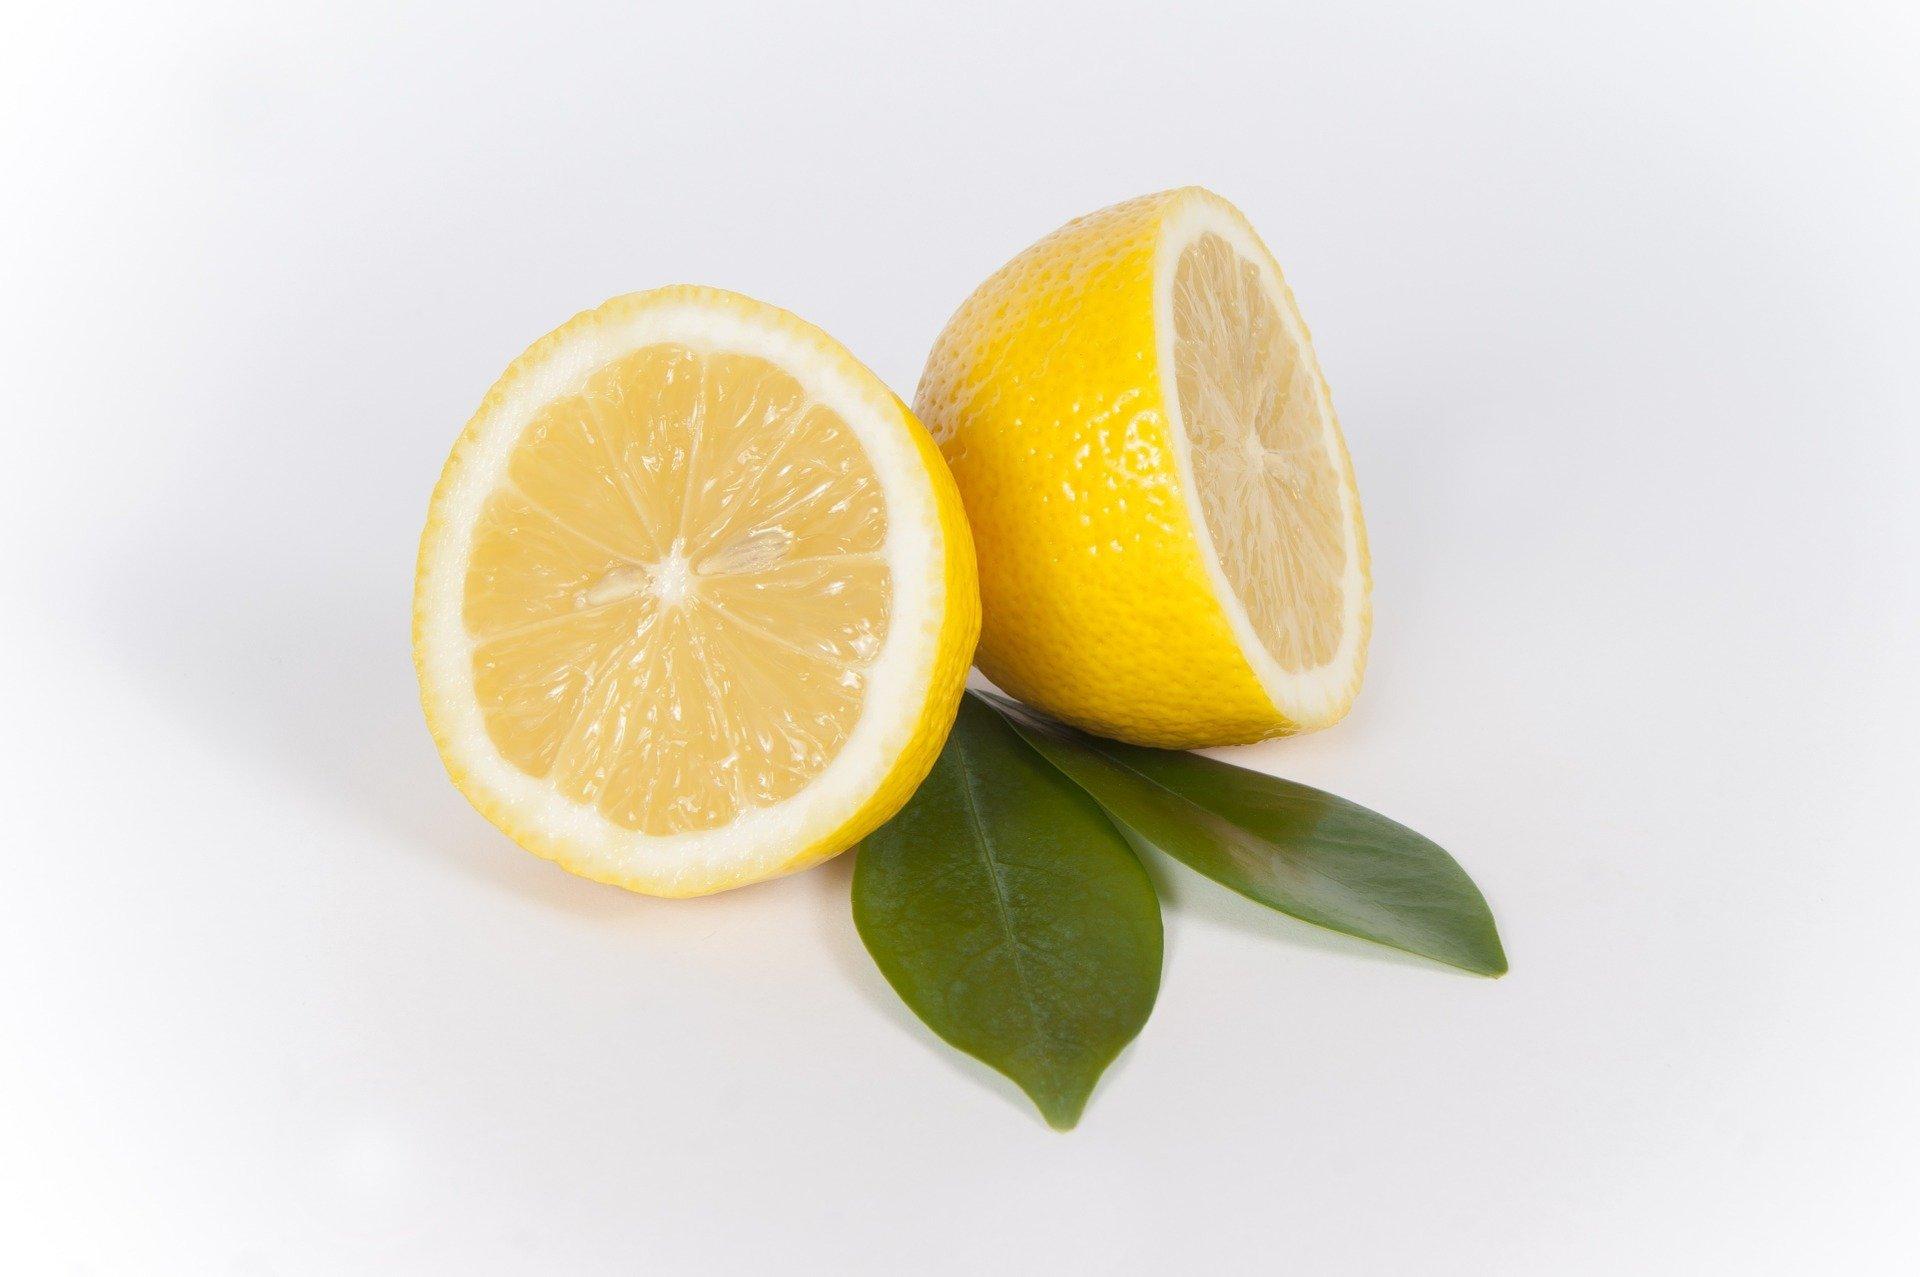 limones2 - Limones Ibizagrove